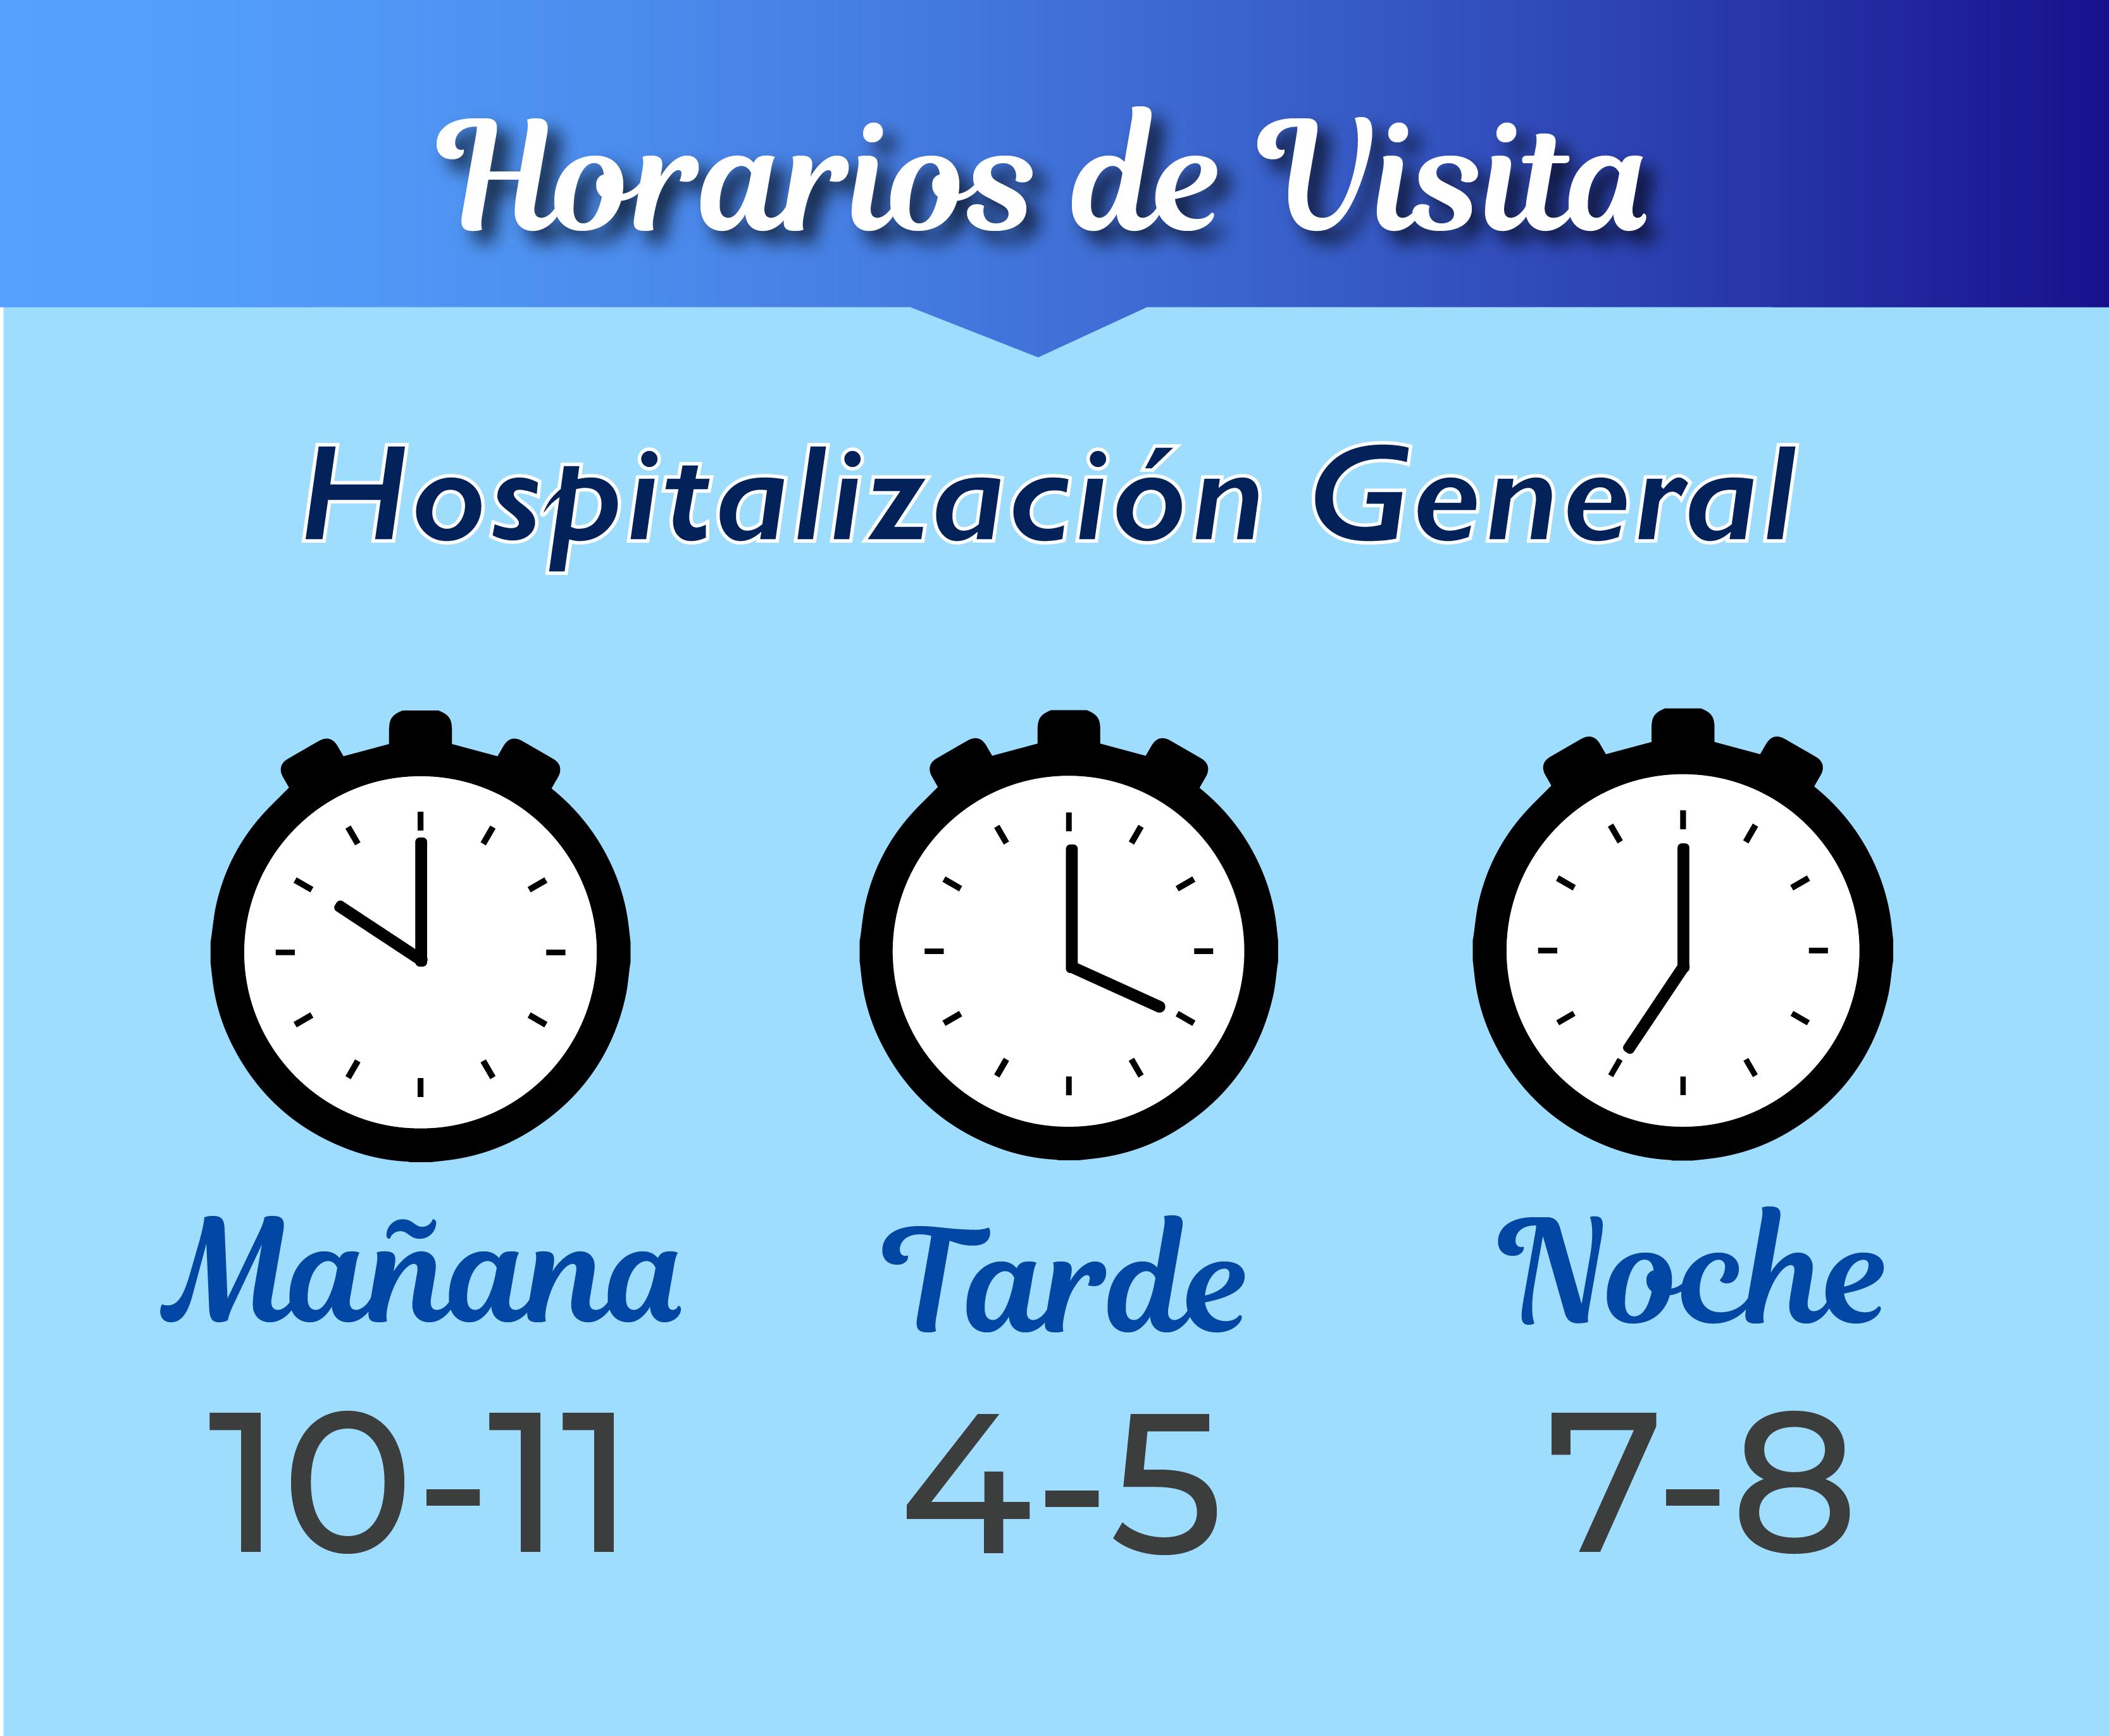 Horario-14-14-14-14